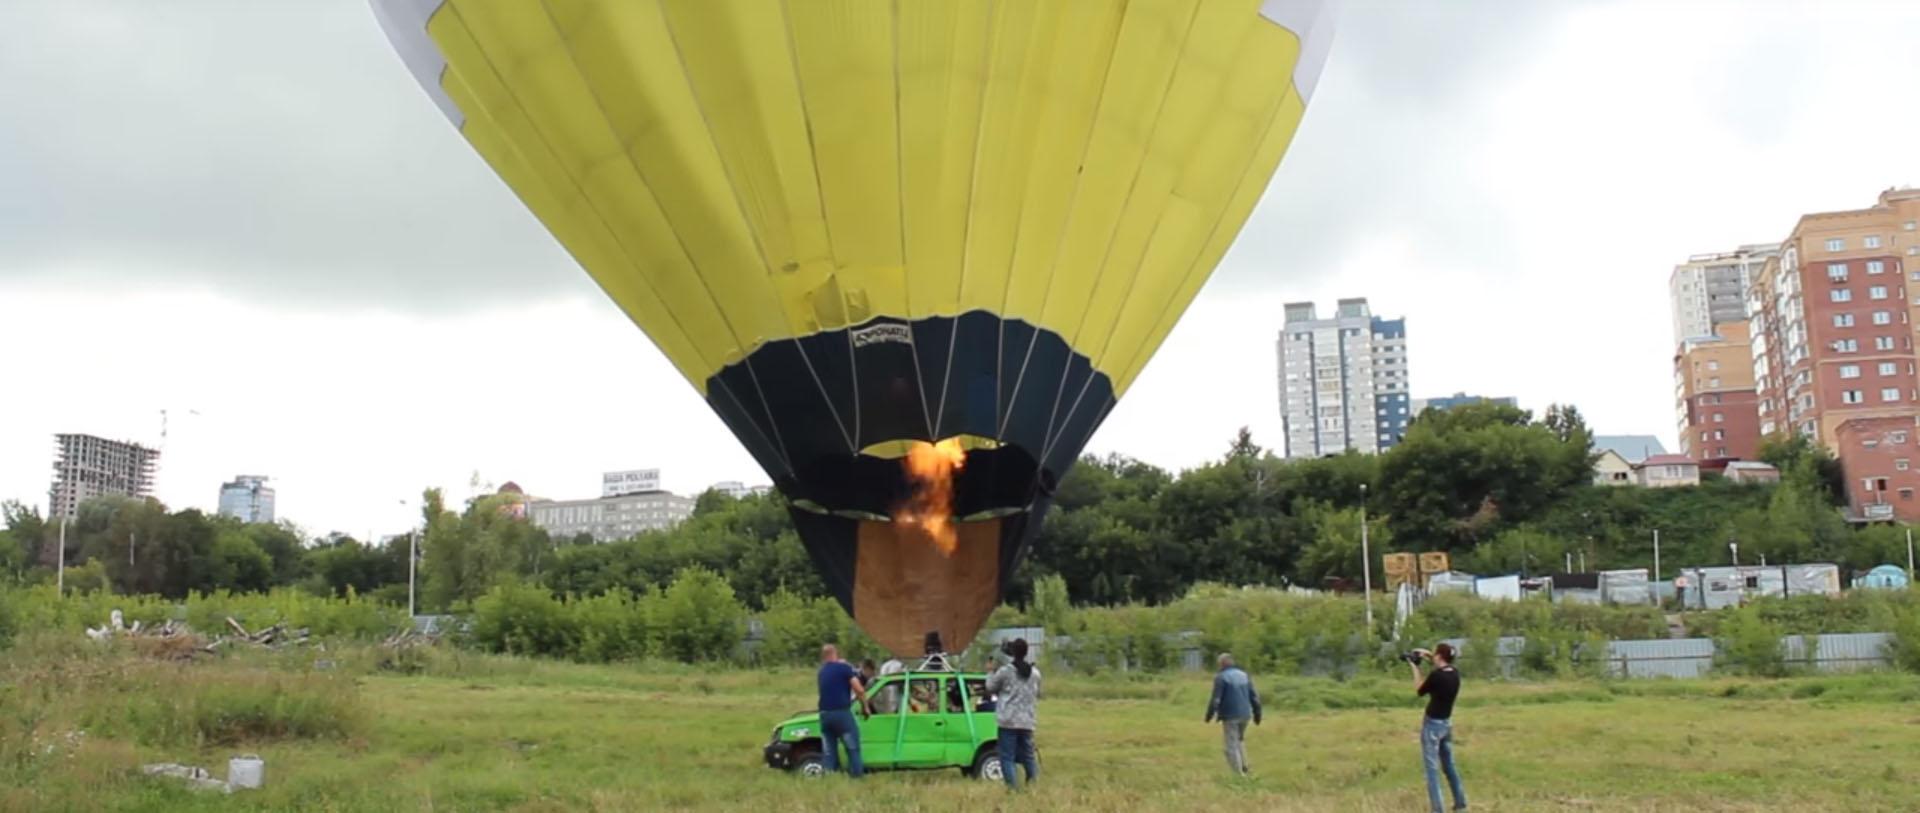 Balon mașina zburatoare 3